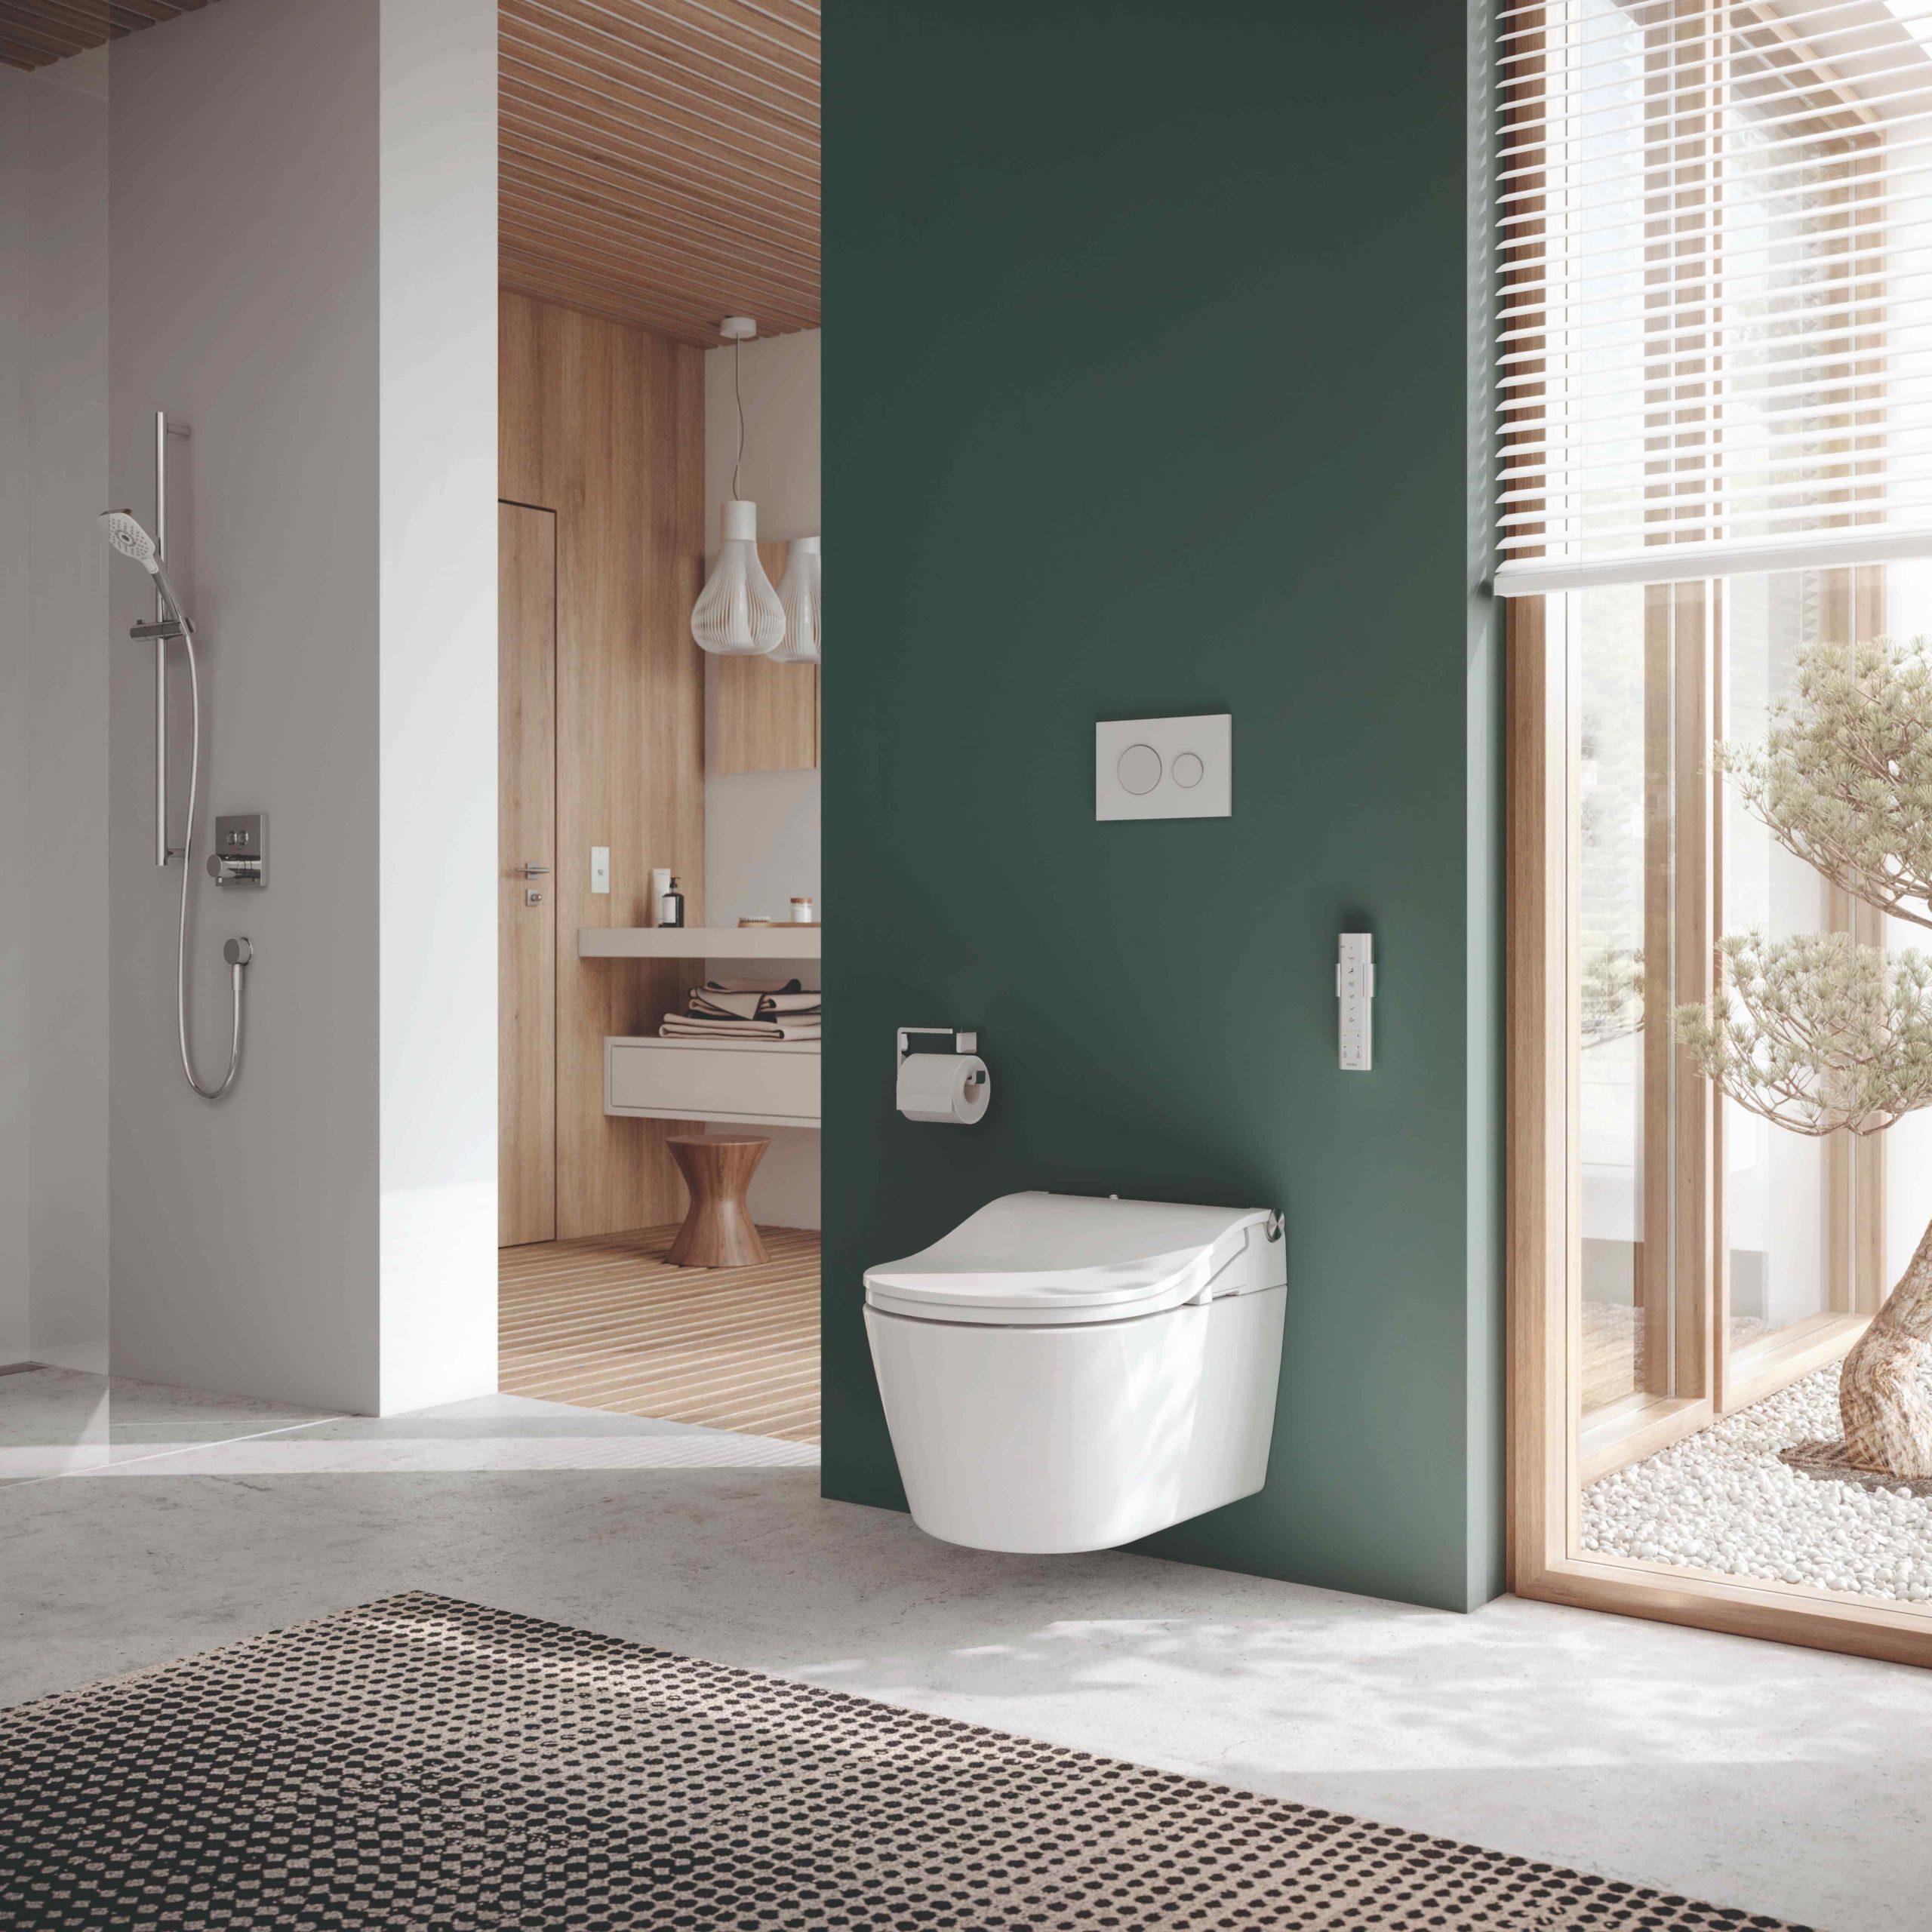 Sprchovac° toaleta Concept 300